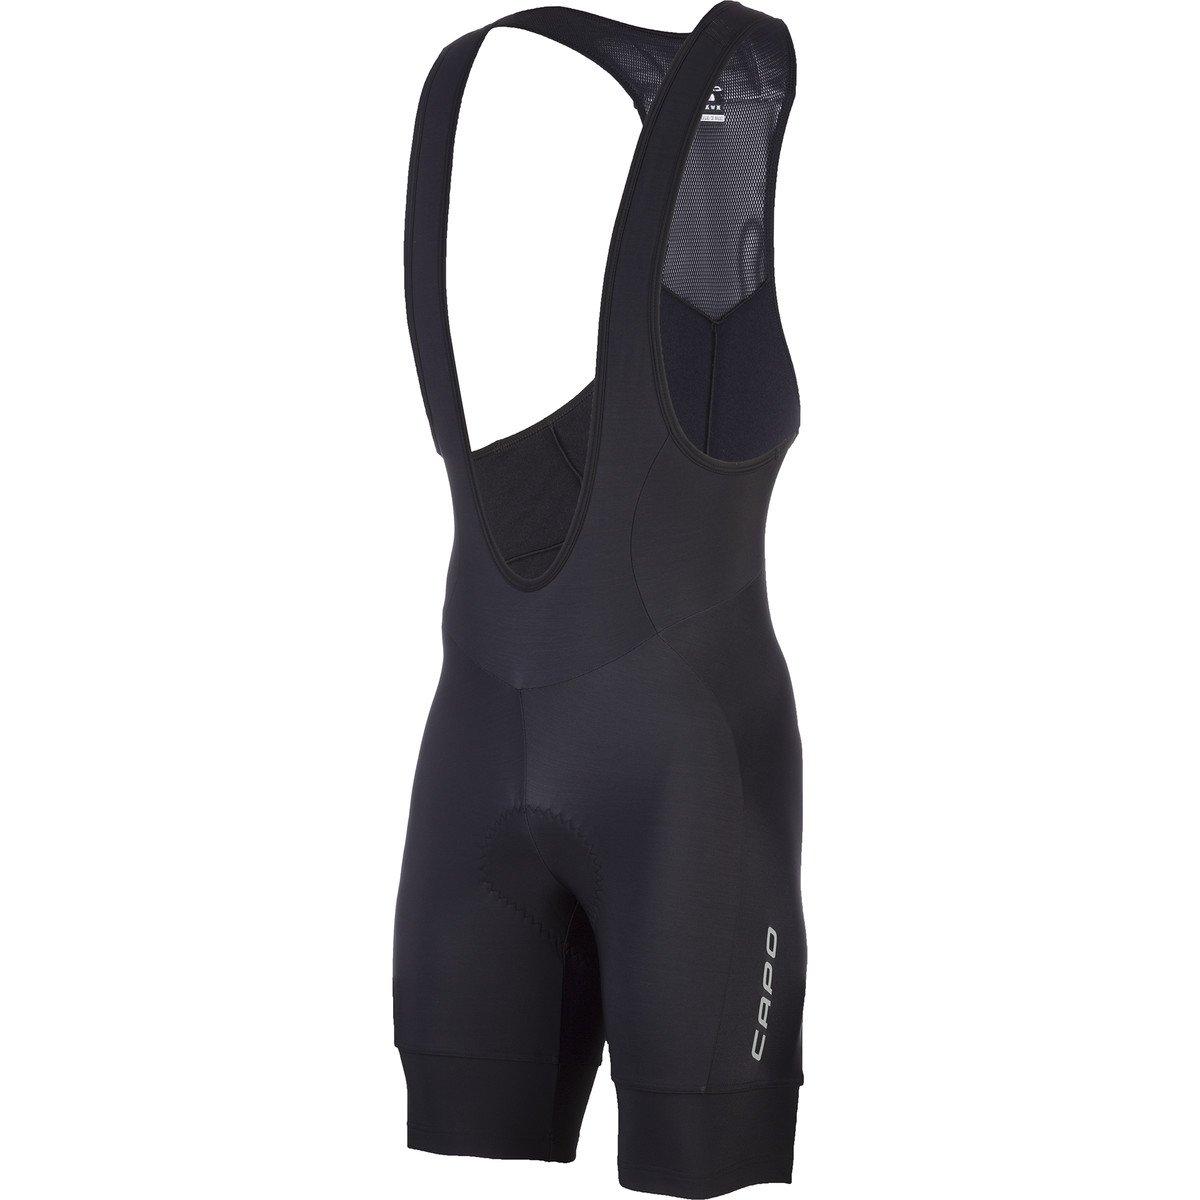 Capo Pursuit Roubaix Bib Shorts Black, XL - Men's